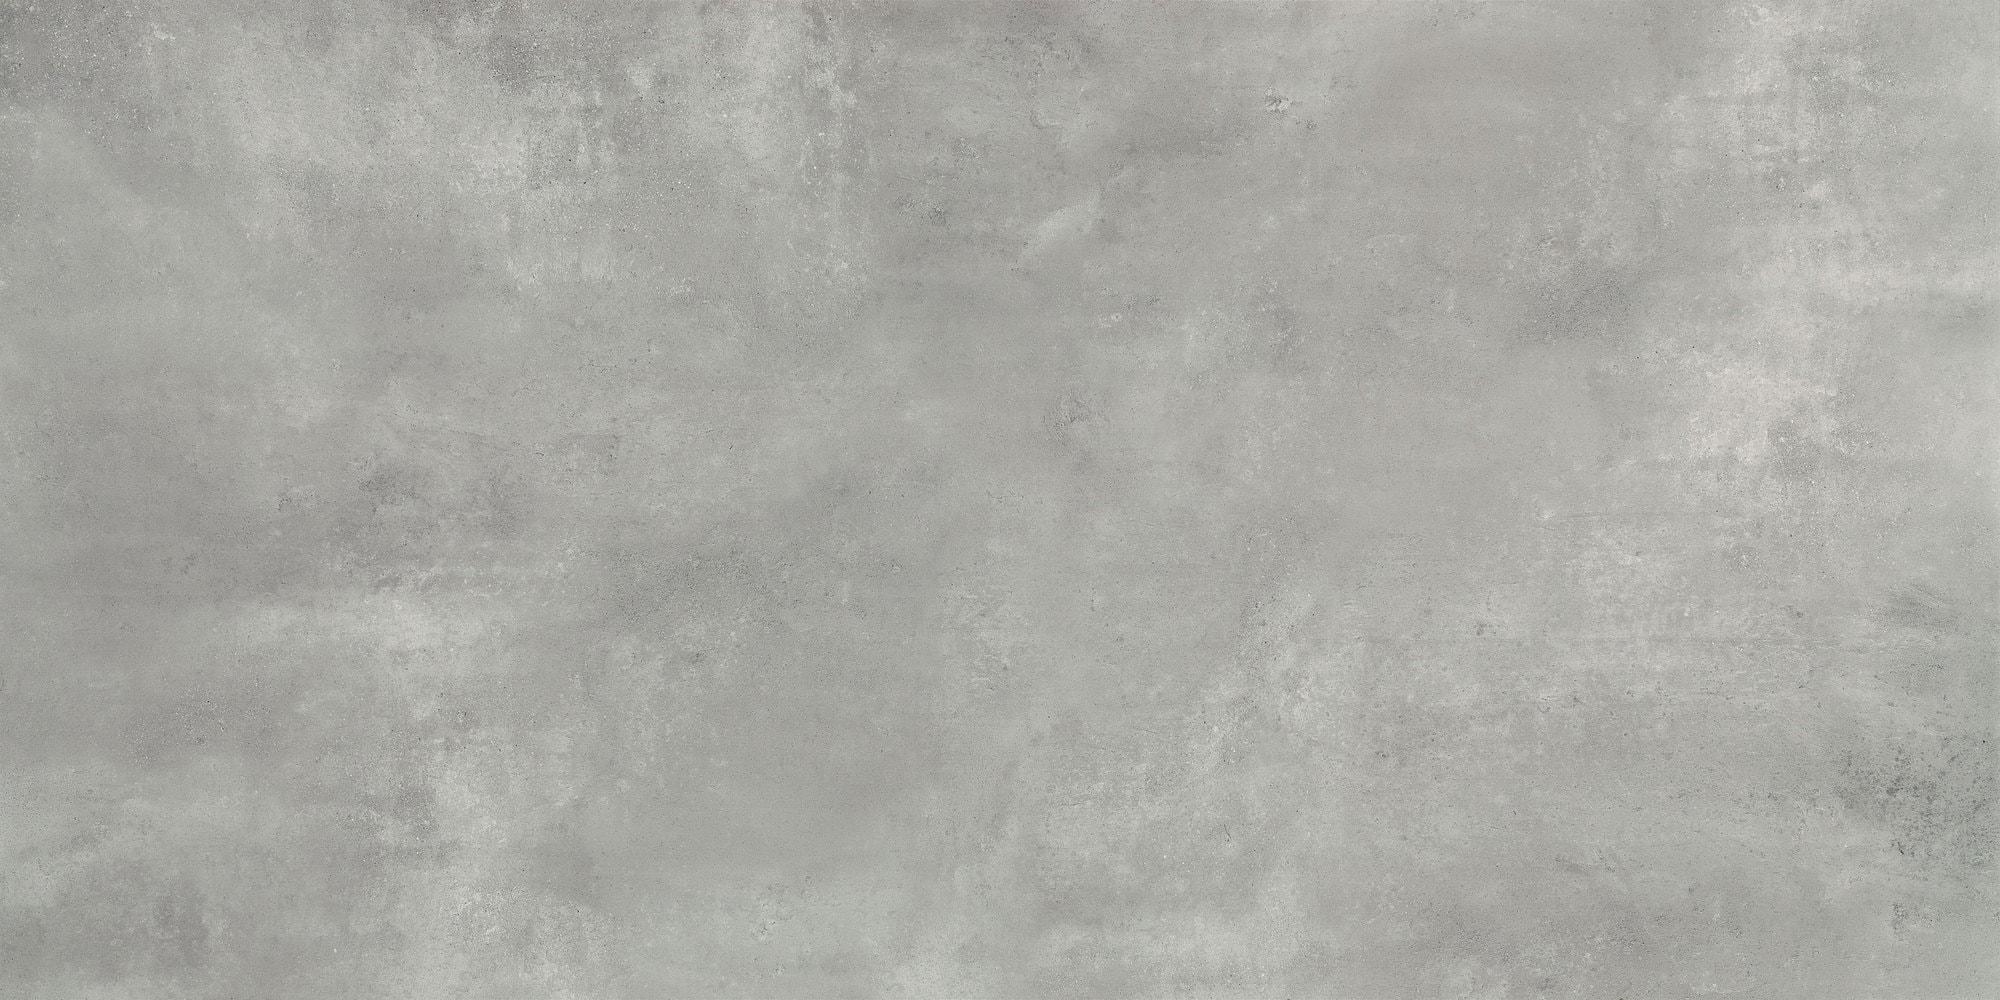 Płytka podłogowa Tubądzin Epoxy Graphite 2 Mat 119,8x239,8cm tubEpoGra2_120x240